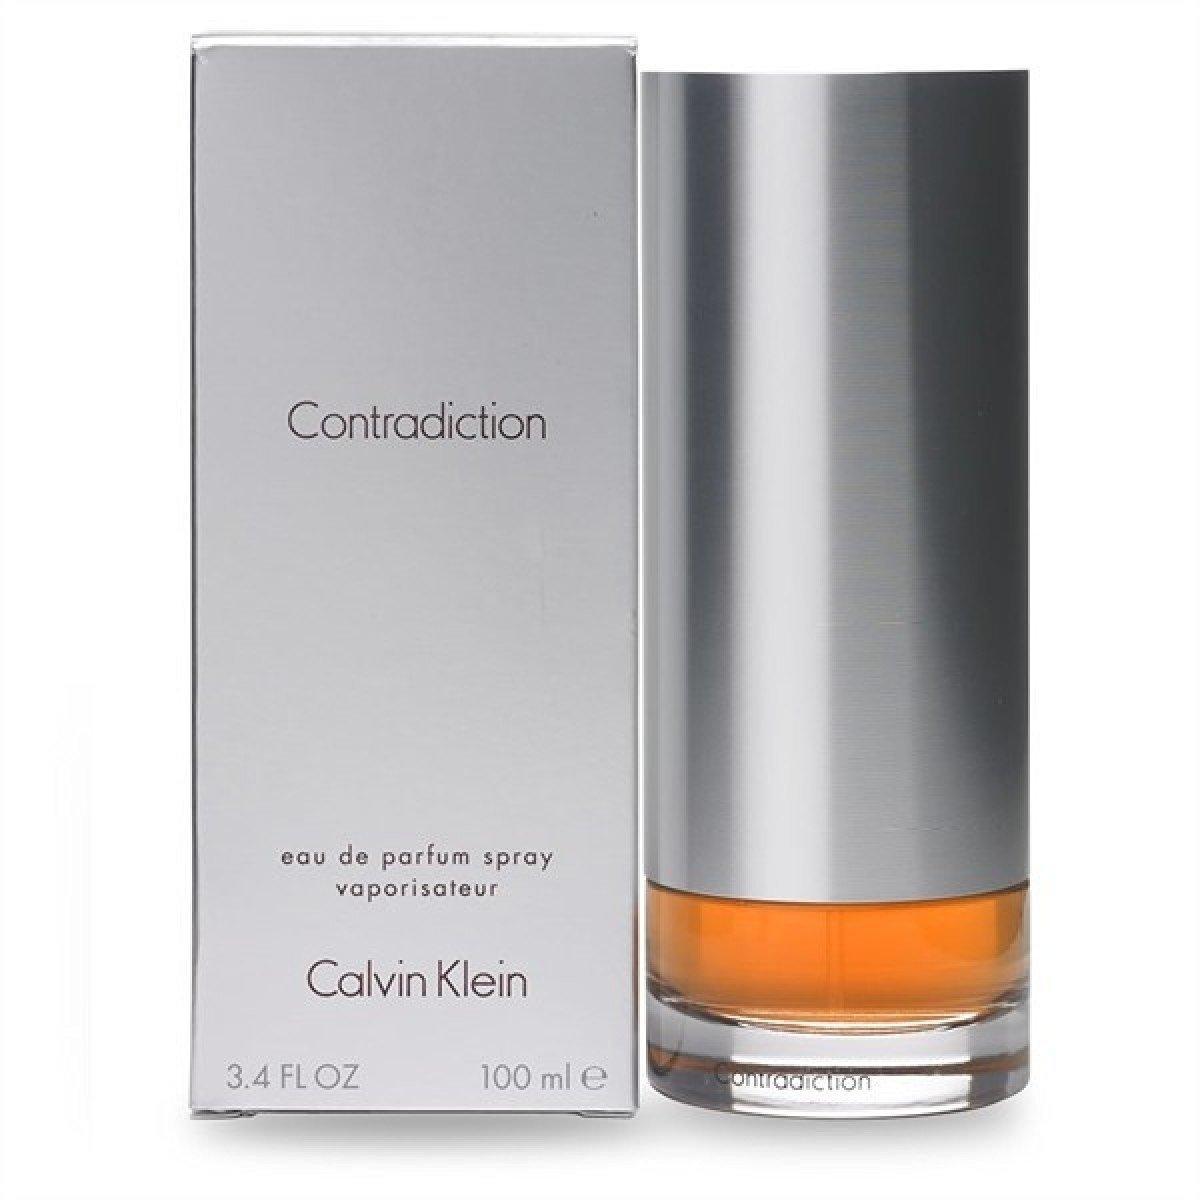 Eau de parfum Calvin Klein - vaporisateur de 100 ml